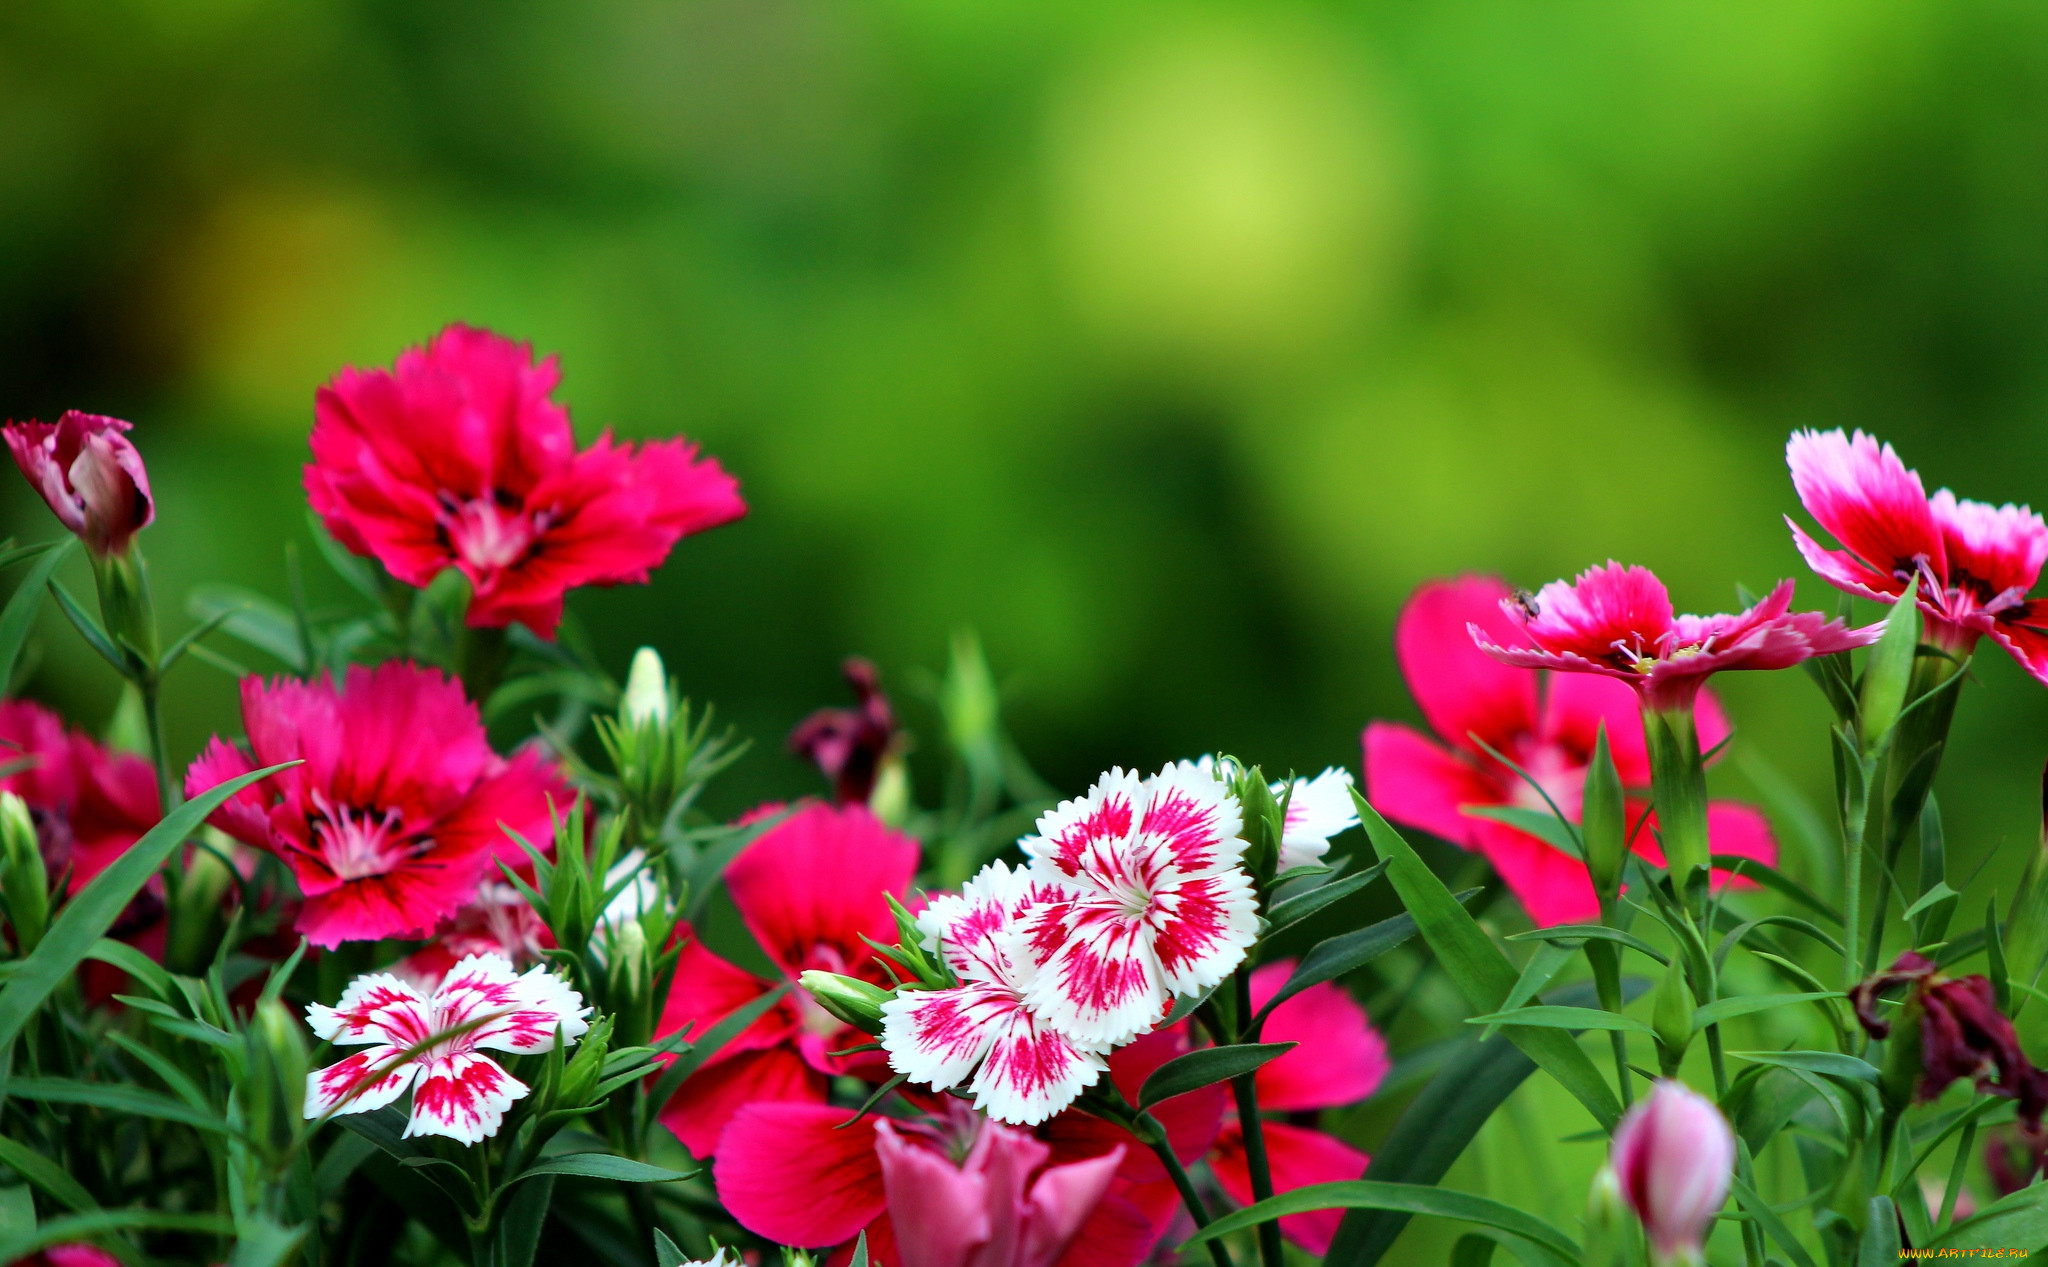 картинка для рабочего стола цветы на столе